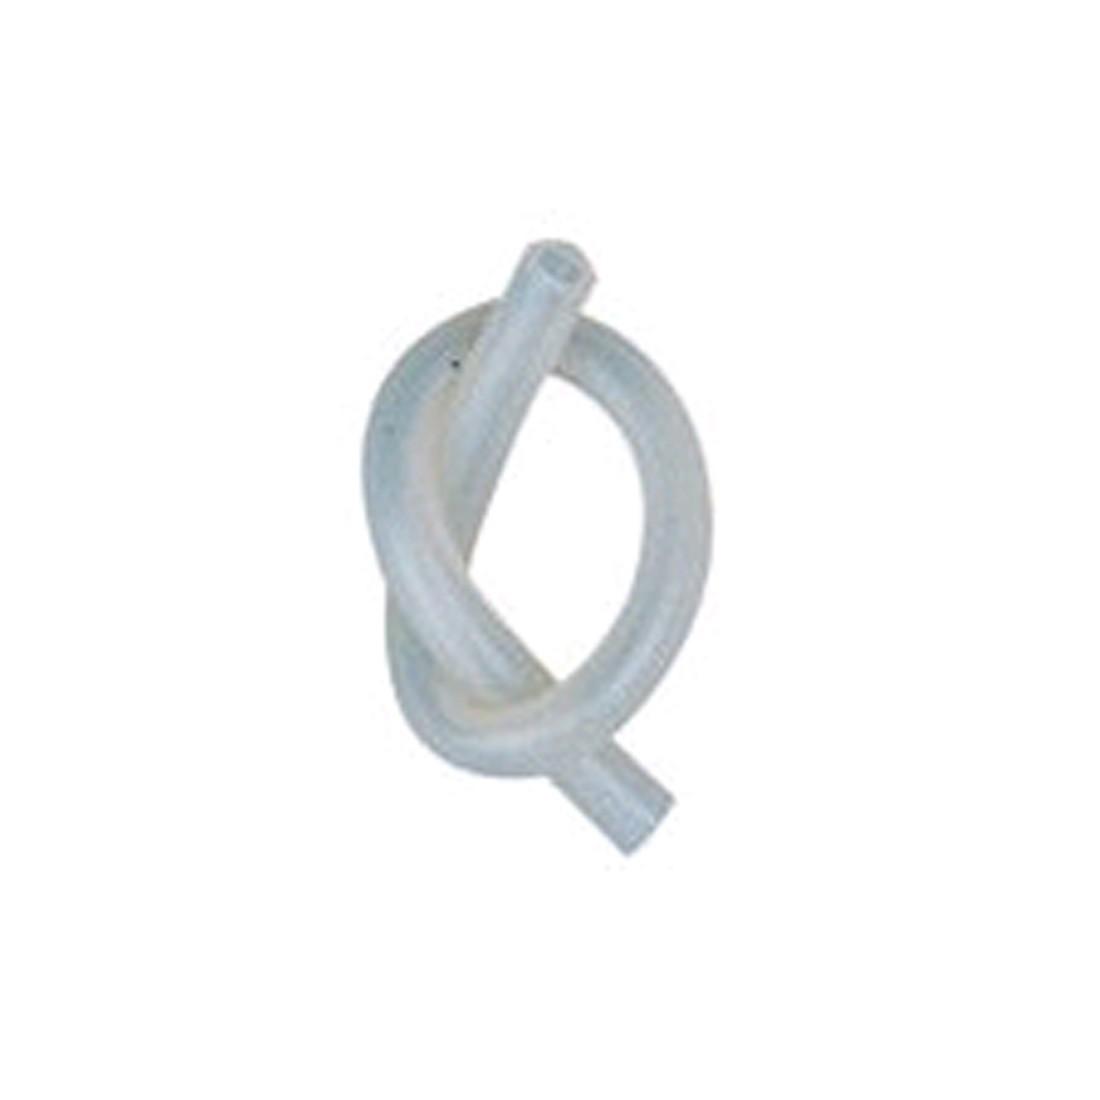 Silikon-Schlauch, durchsichtig, 5,0 x 1,5 mm, lfd. Meter